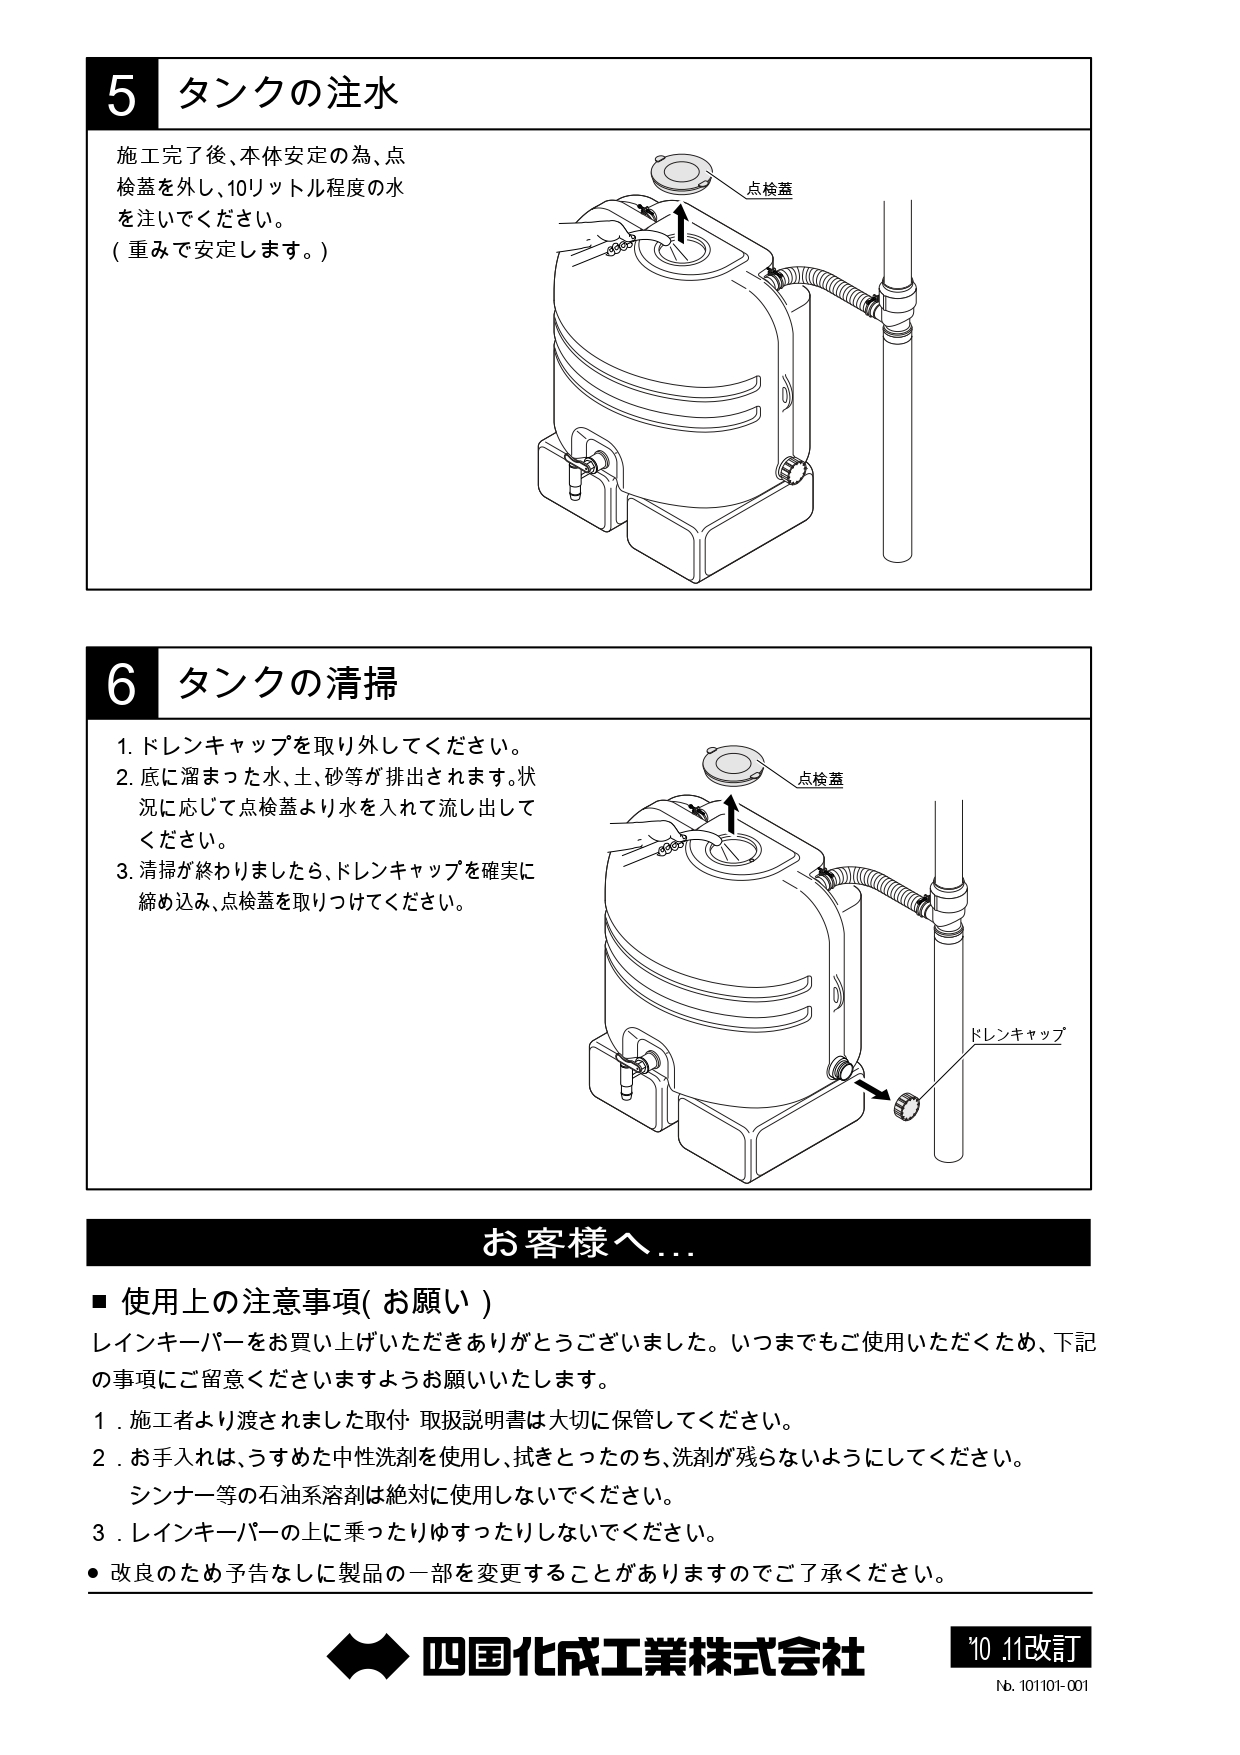 レインキーパーP2型 施工説明書_page-0004